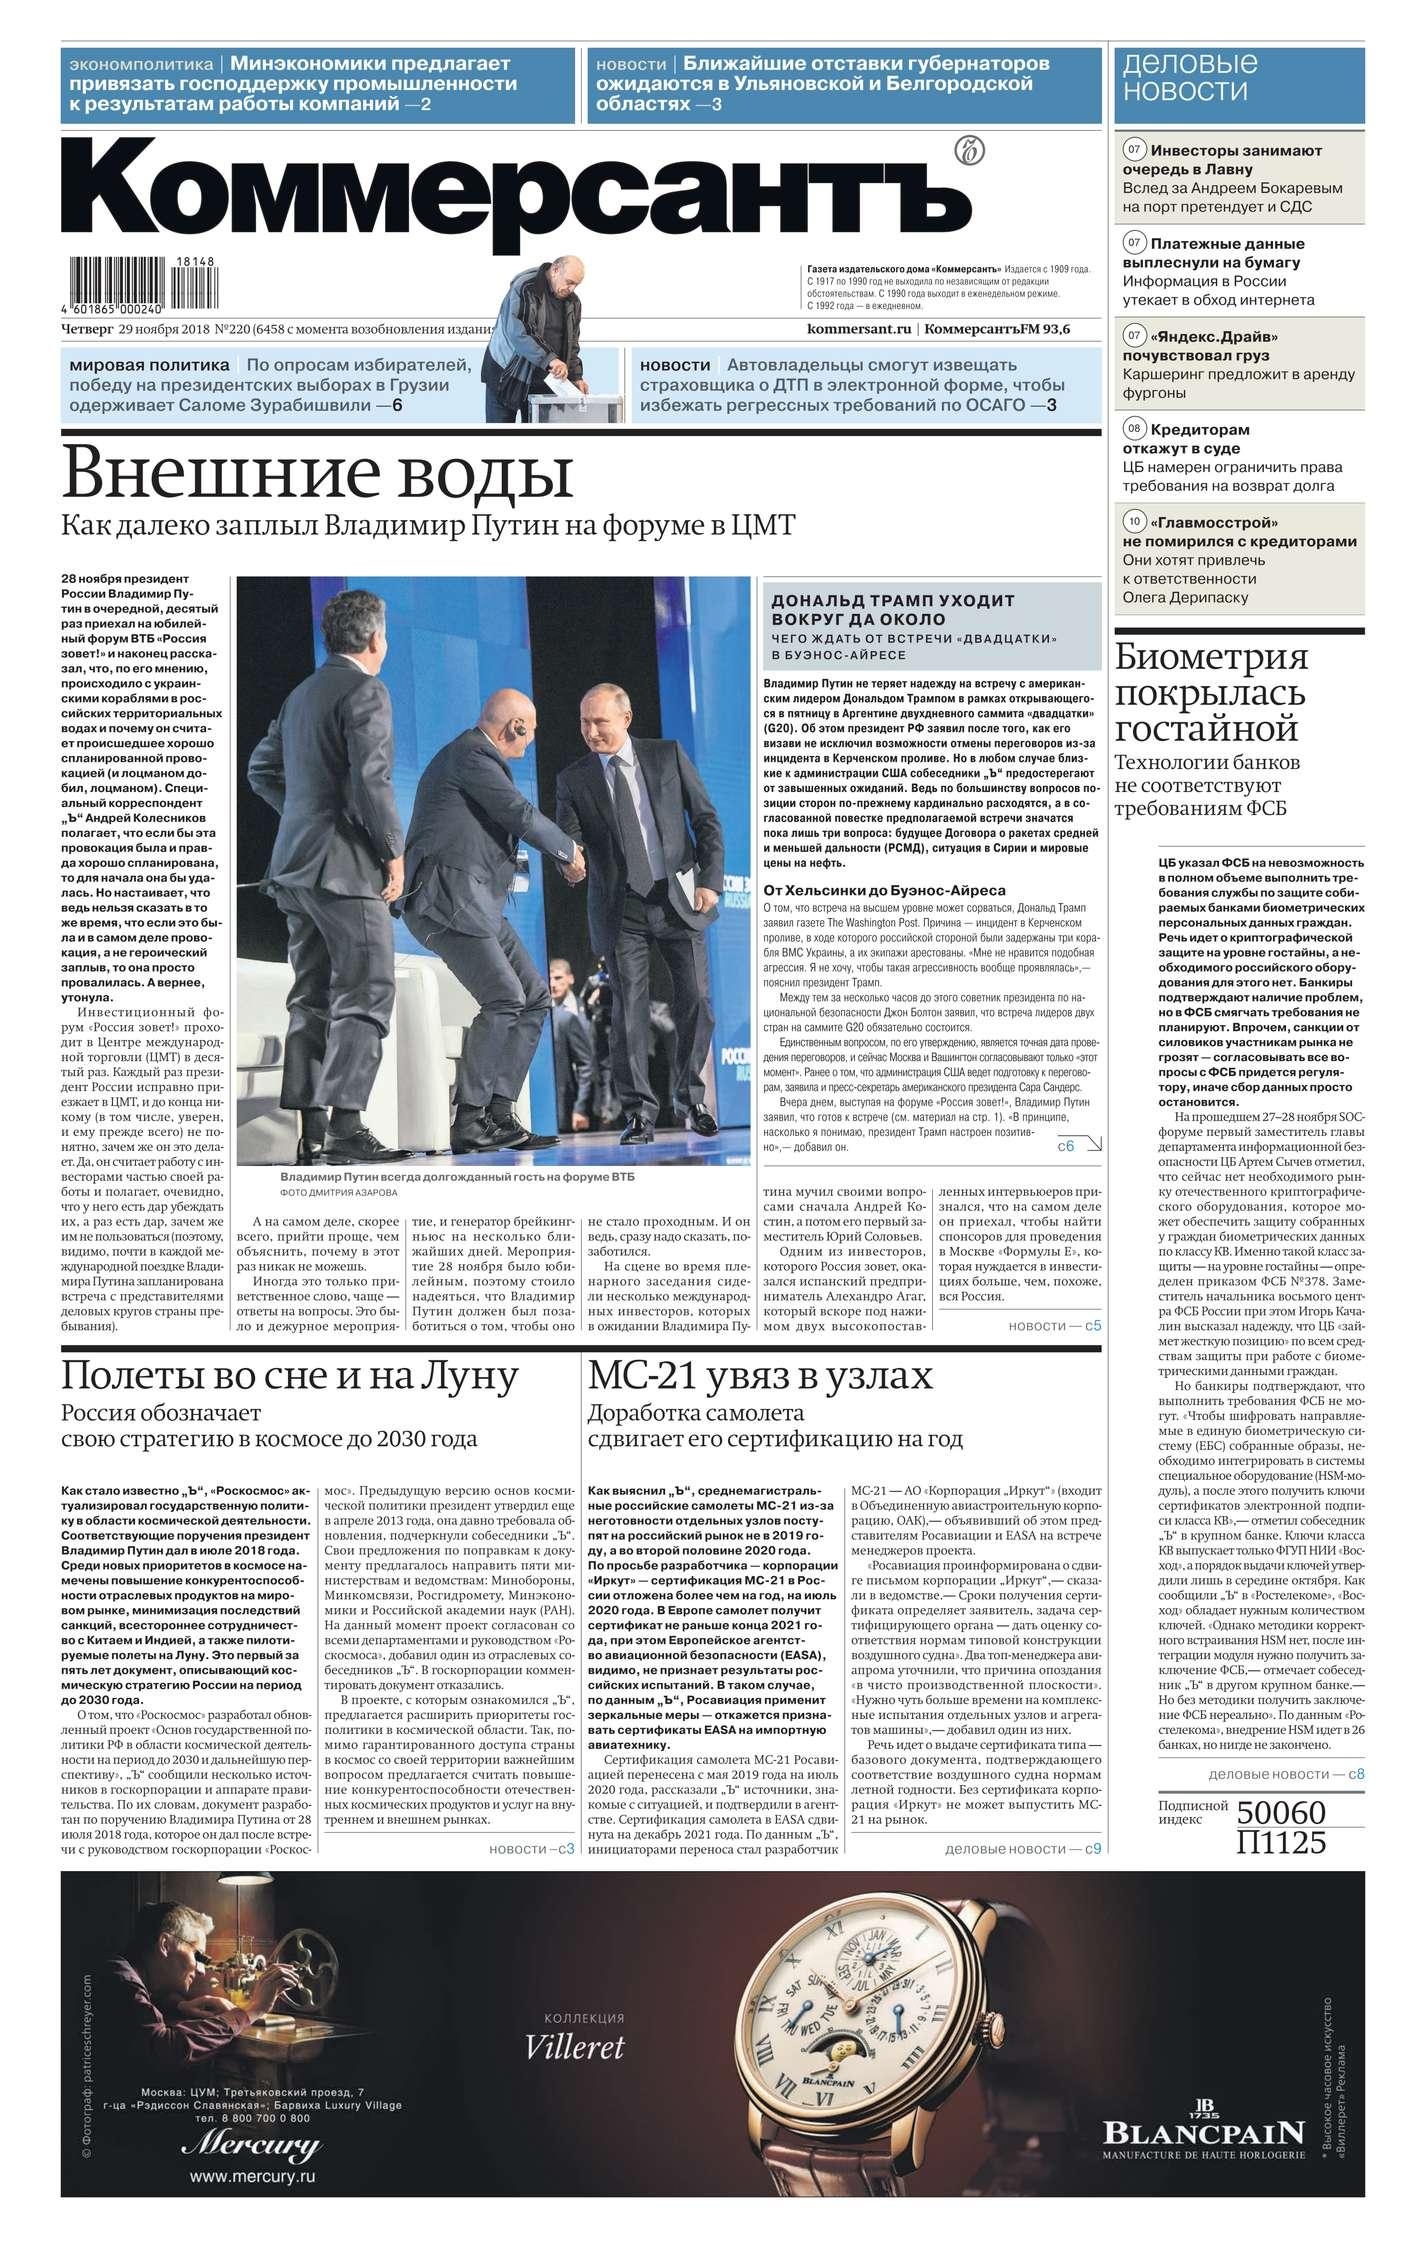 Редакция газеты Коммерсантъ (понедельник-пятница) Коммерсантъ (понедельник-пятница) 220-2018 цена